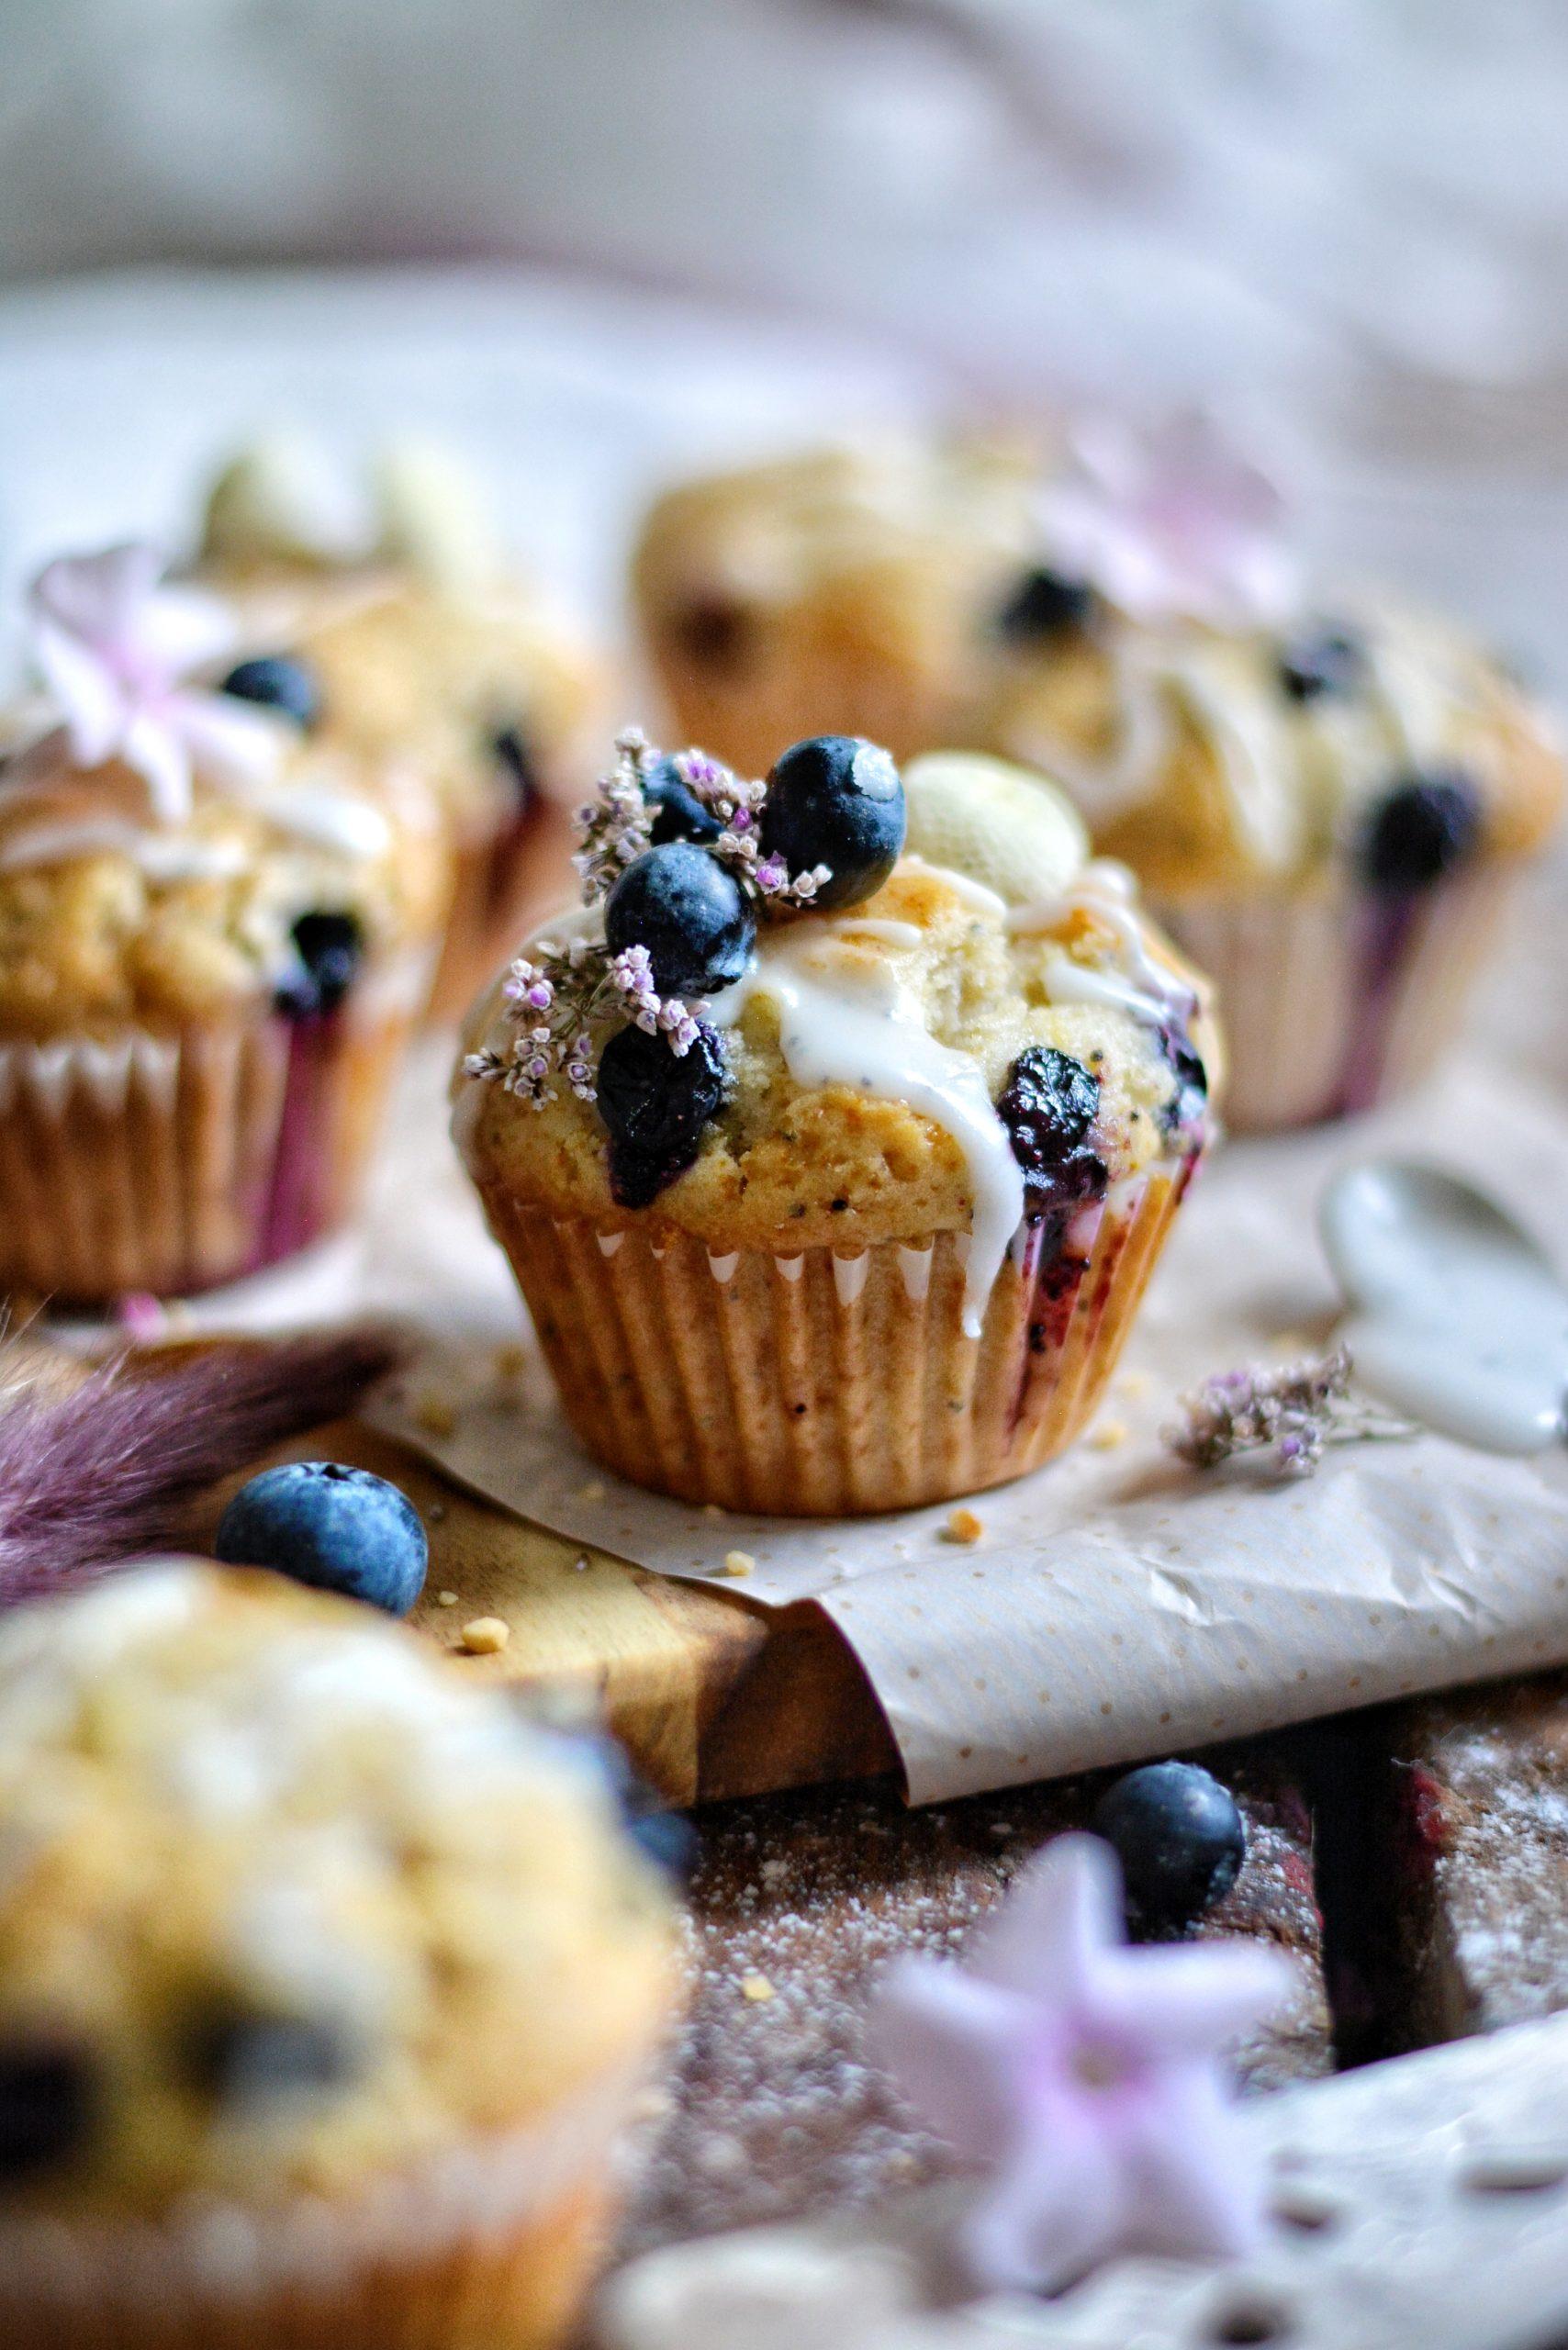 Muffins Vegan aux Myrtilles et Graines de Pavot / Vegan Blueberry and Poppy Seeds Muffins